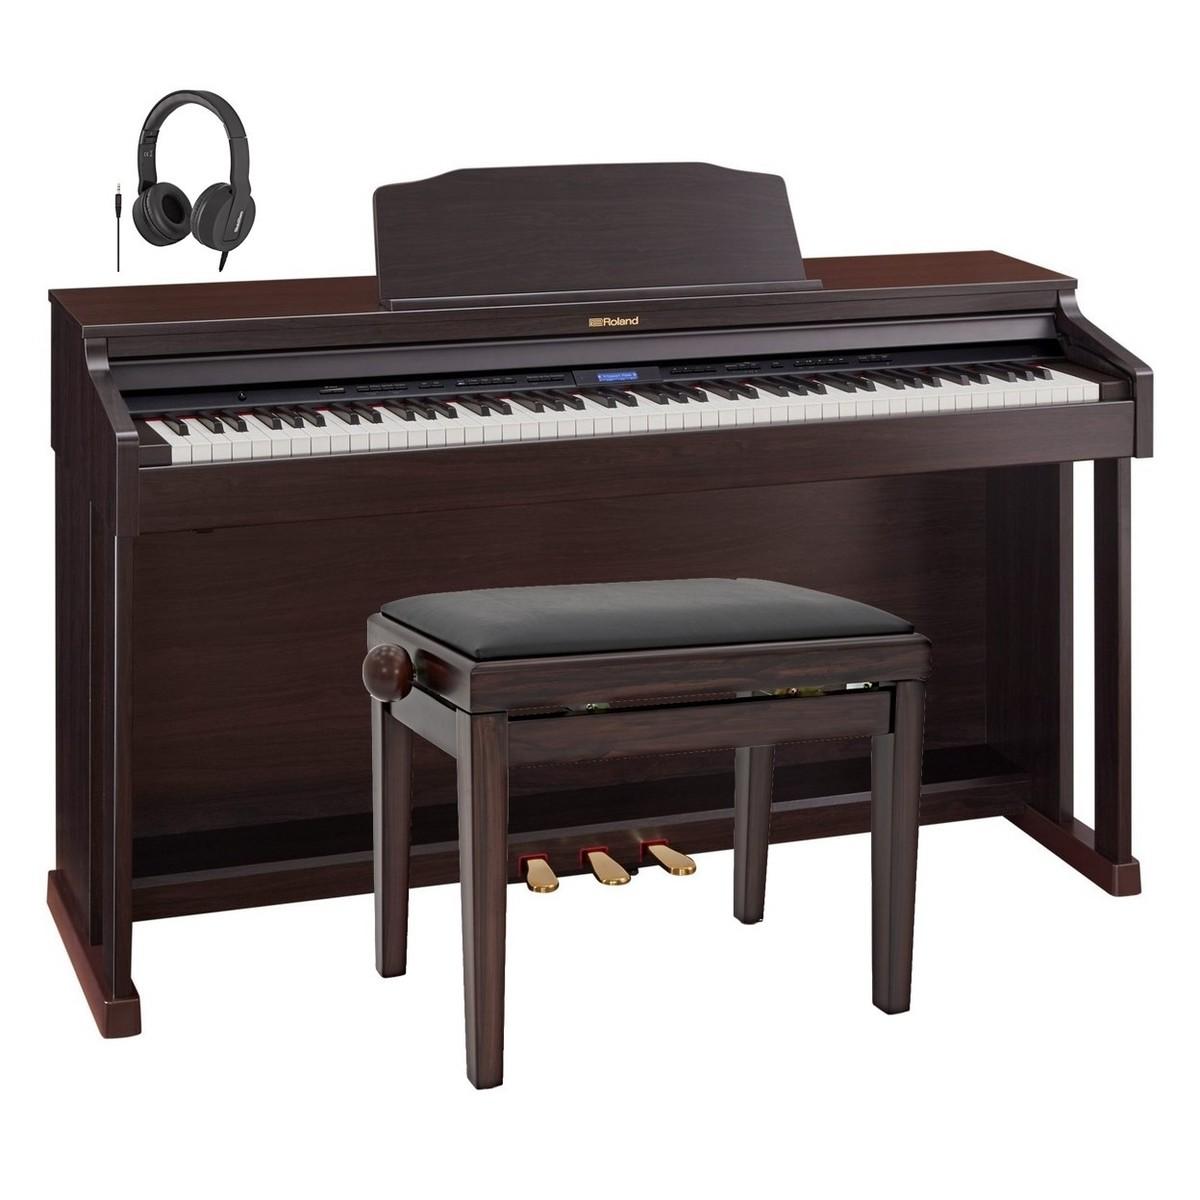 Roland Hp601 Digital Piano : roland hp601 digital piano contemporary rosewood package at gear4music ~ Hamham.info Haus und Dekorationen